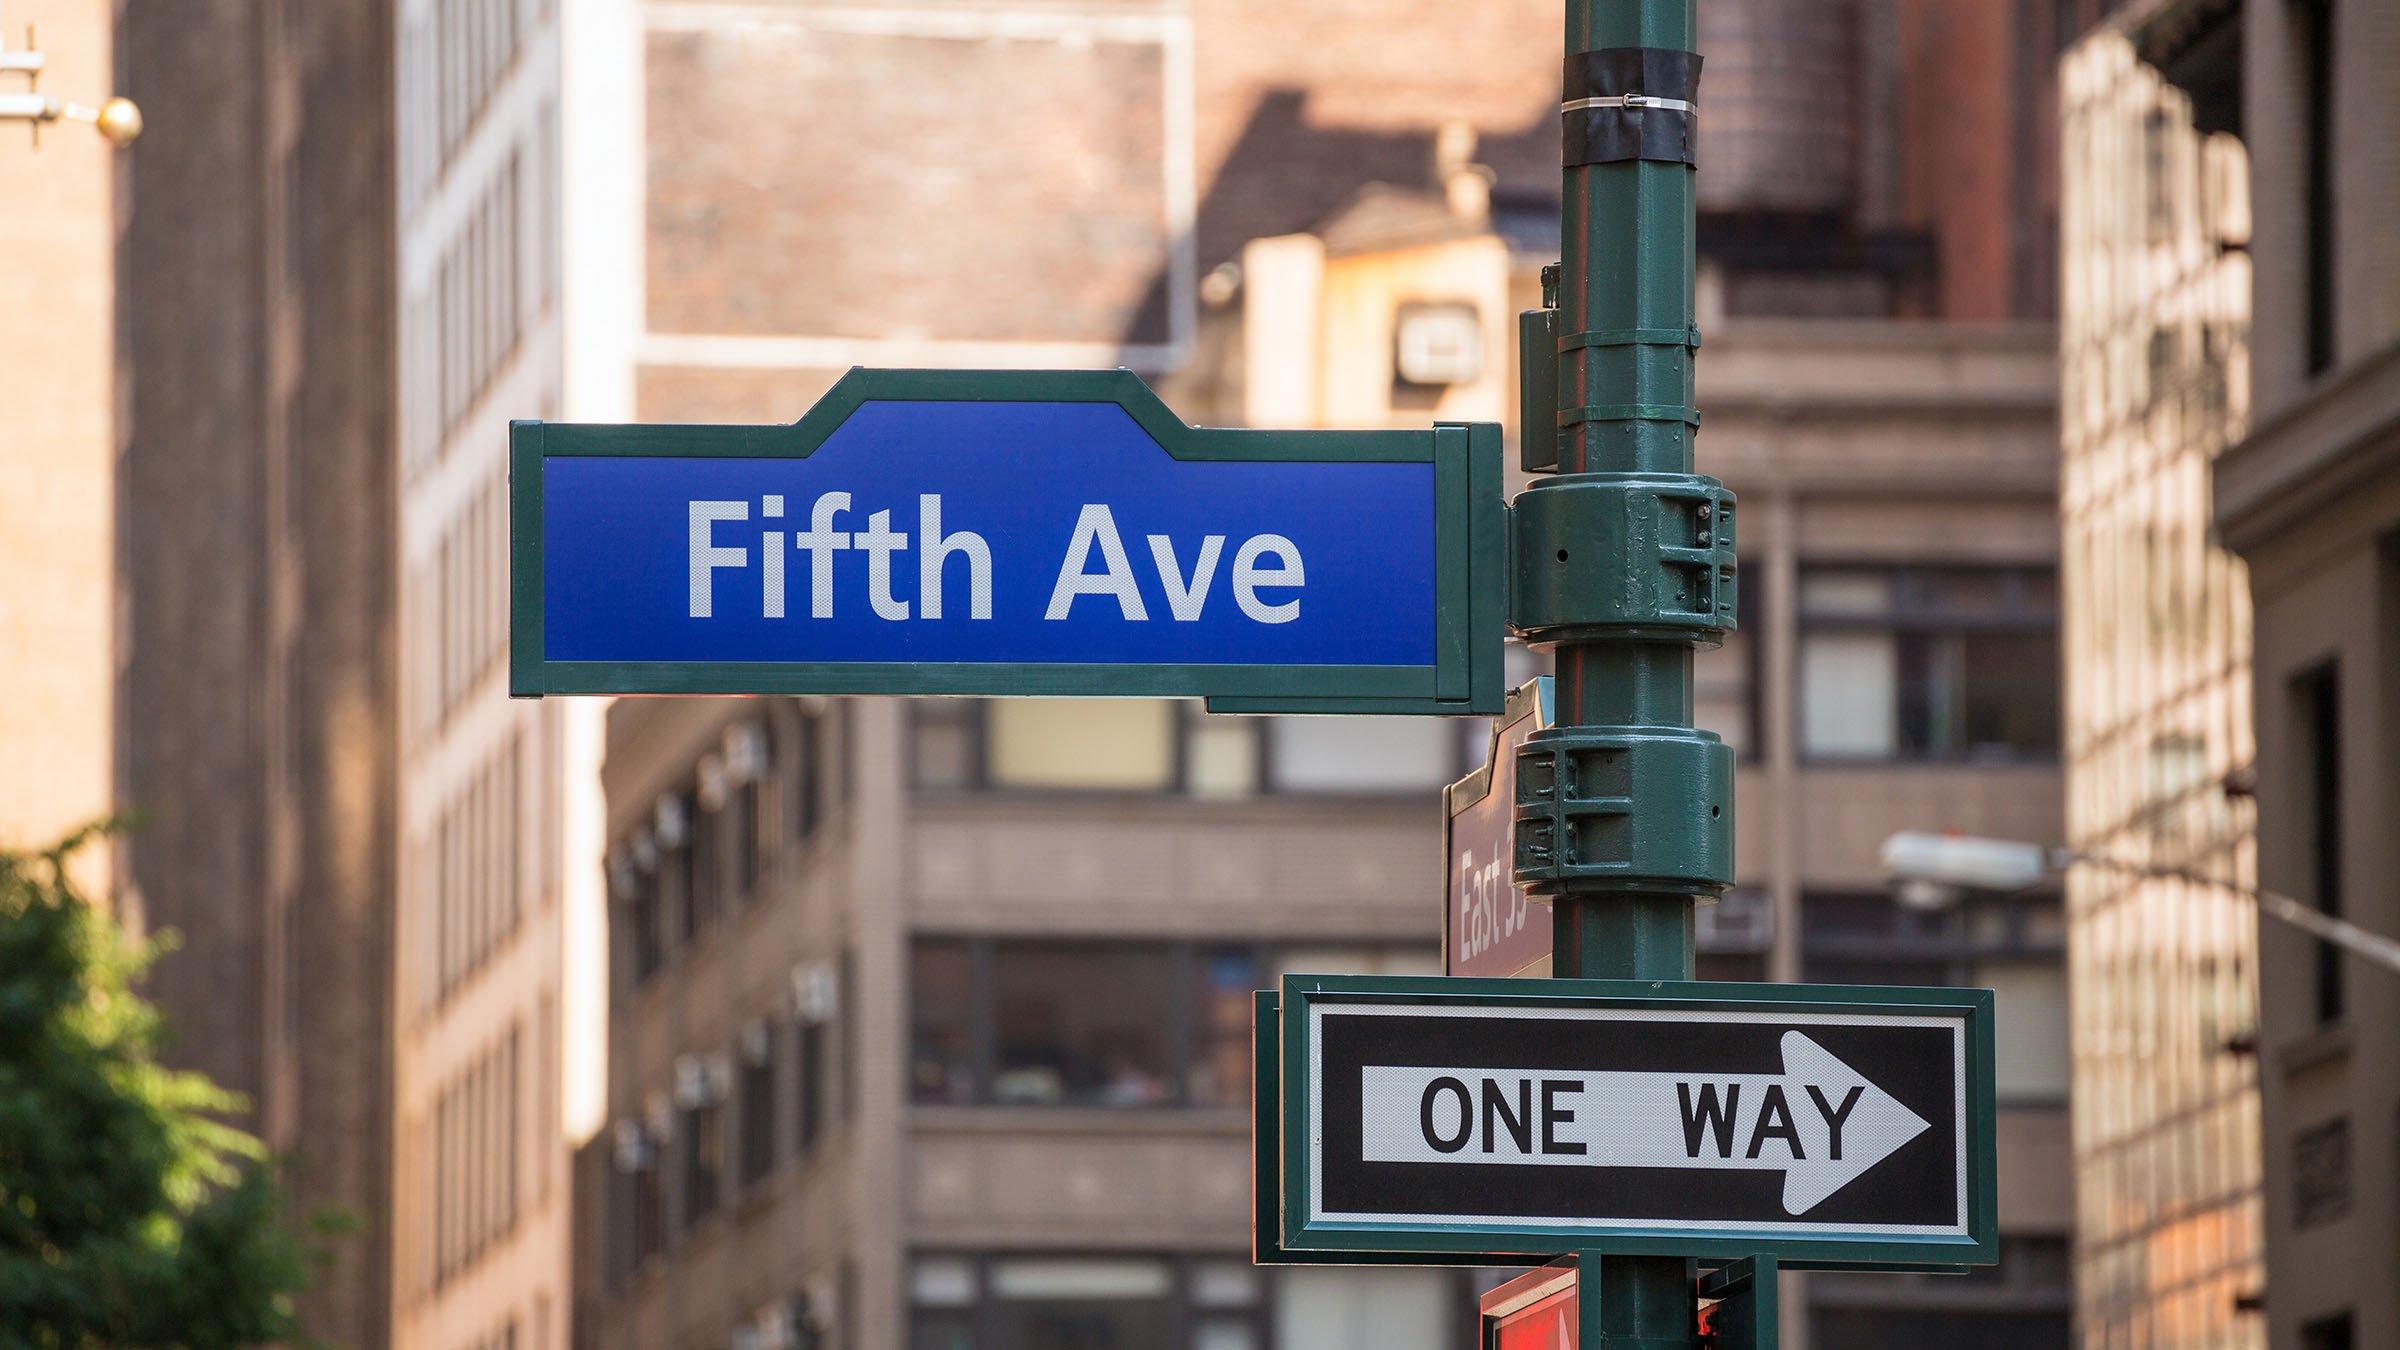 La Quinta Avenida La Calle De Las Compras En Nueva York